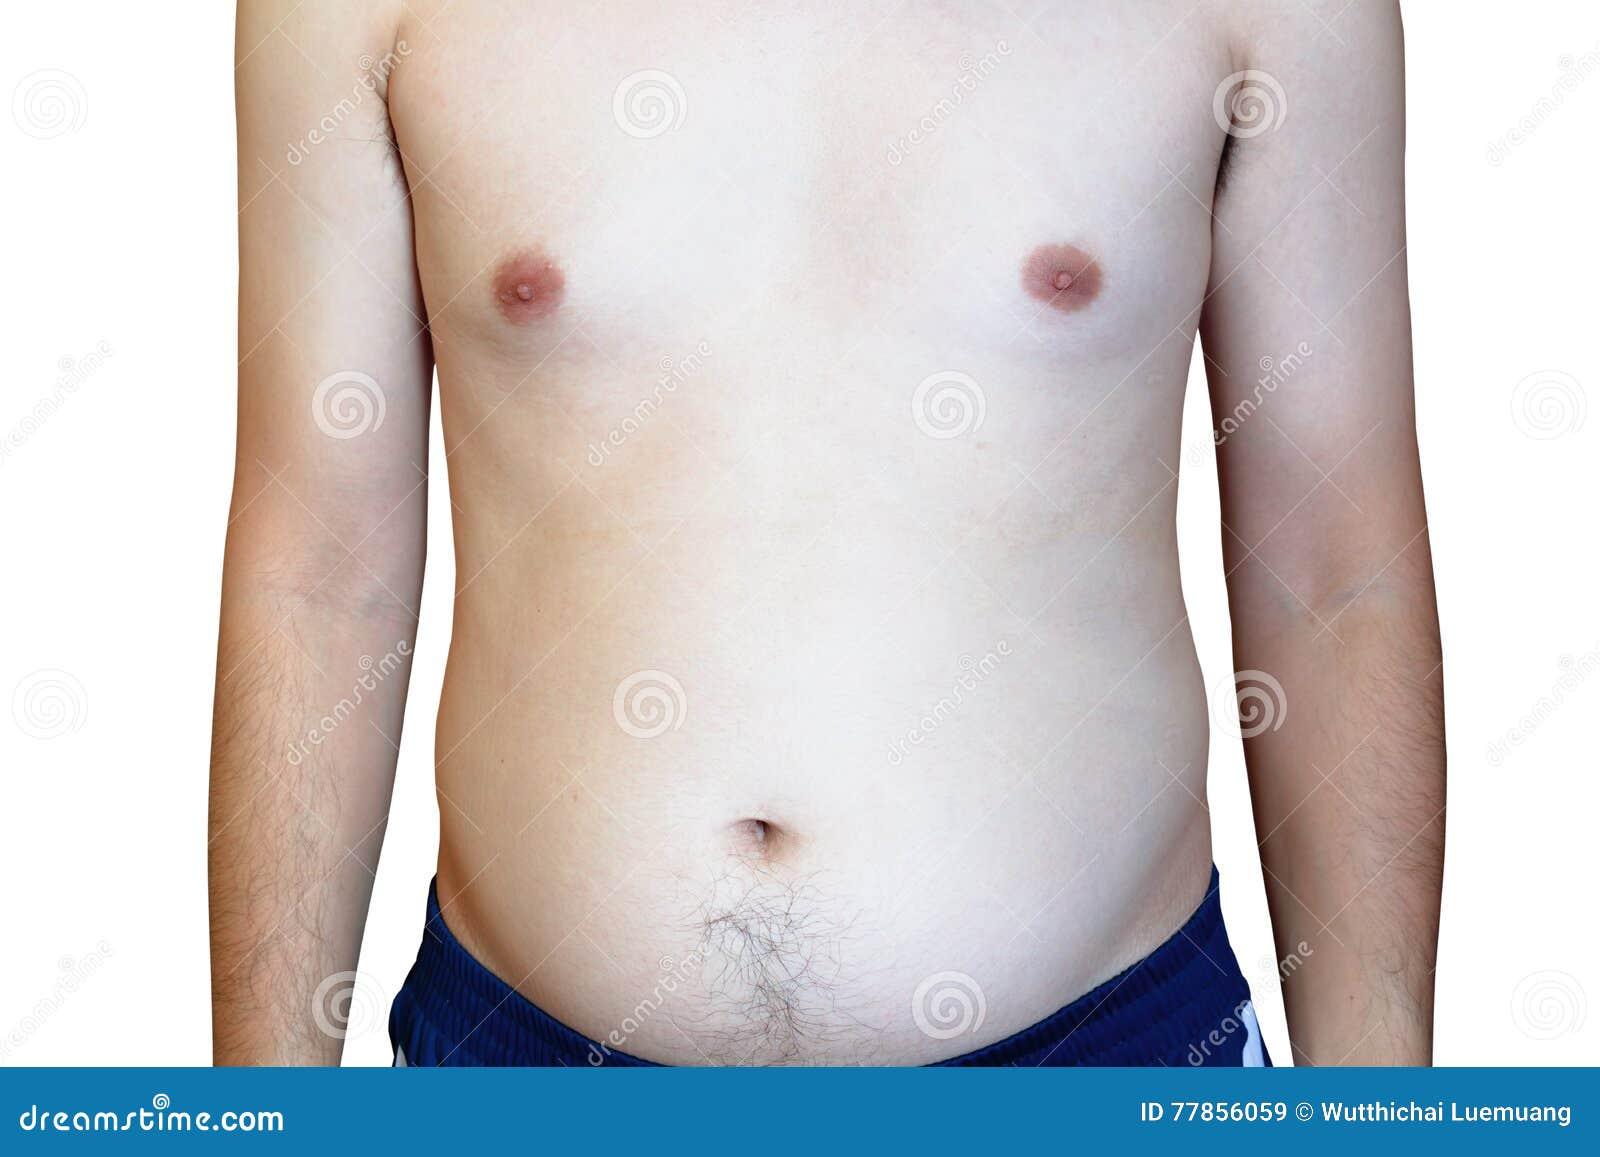 Mężczyzna jest prawdopodobny Zatykać arterie, Gruby mężczyzna z dużym brzuchem